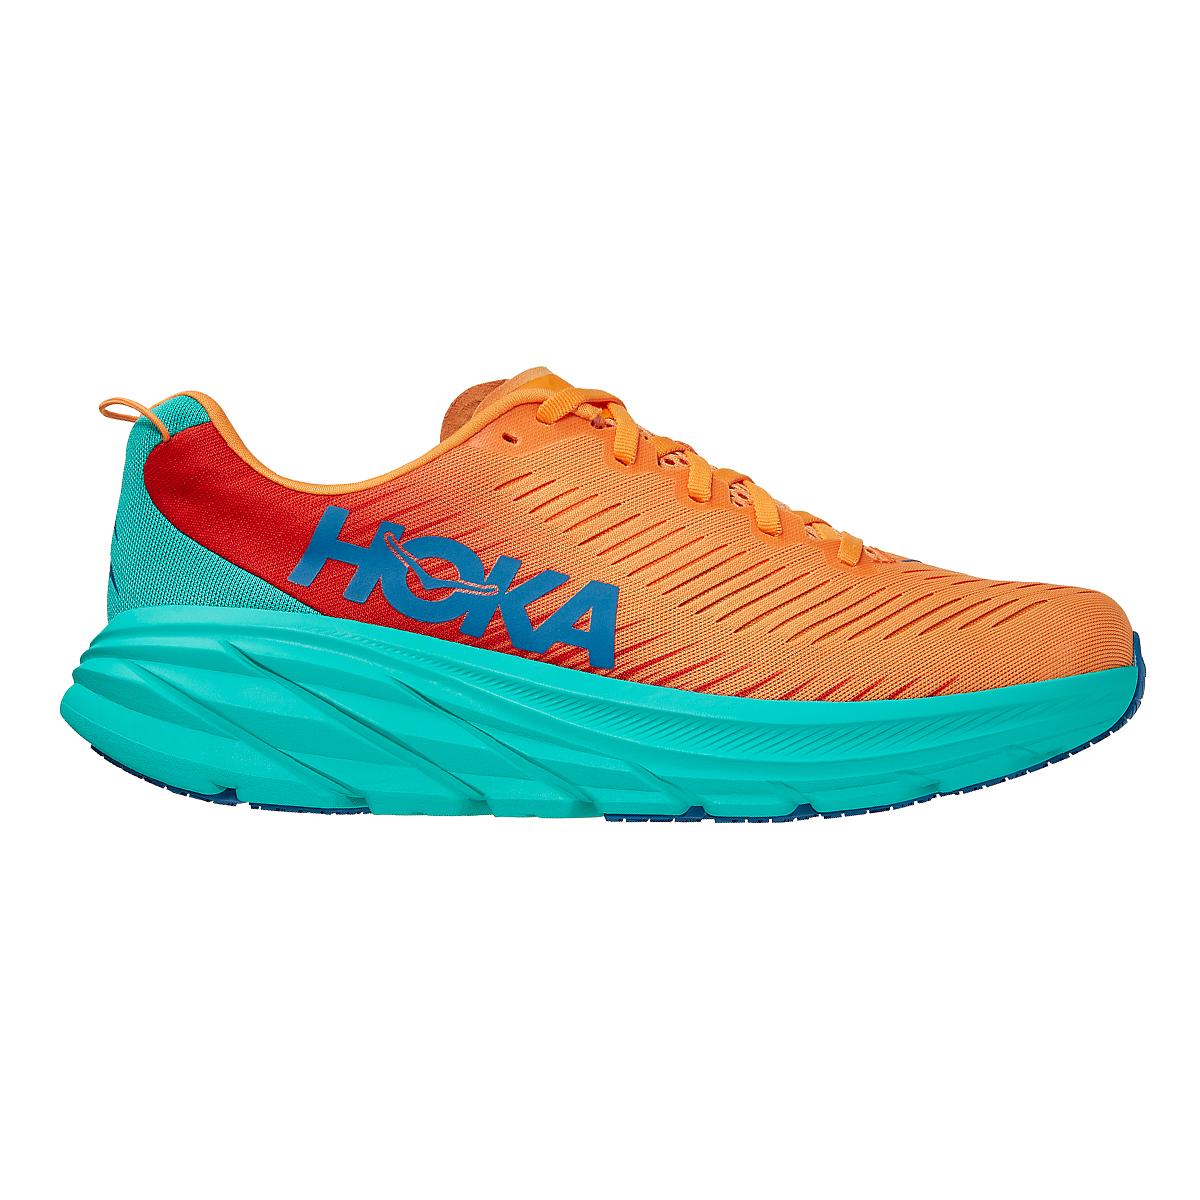 Men's Hoka One One Rincon 3 Running Shoe - Color: Blazing Orange - Size: 7 - Width: Regular, Blazing Orange, large, image 1